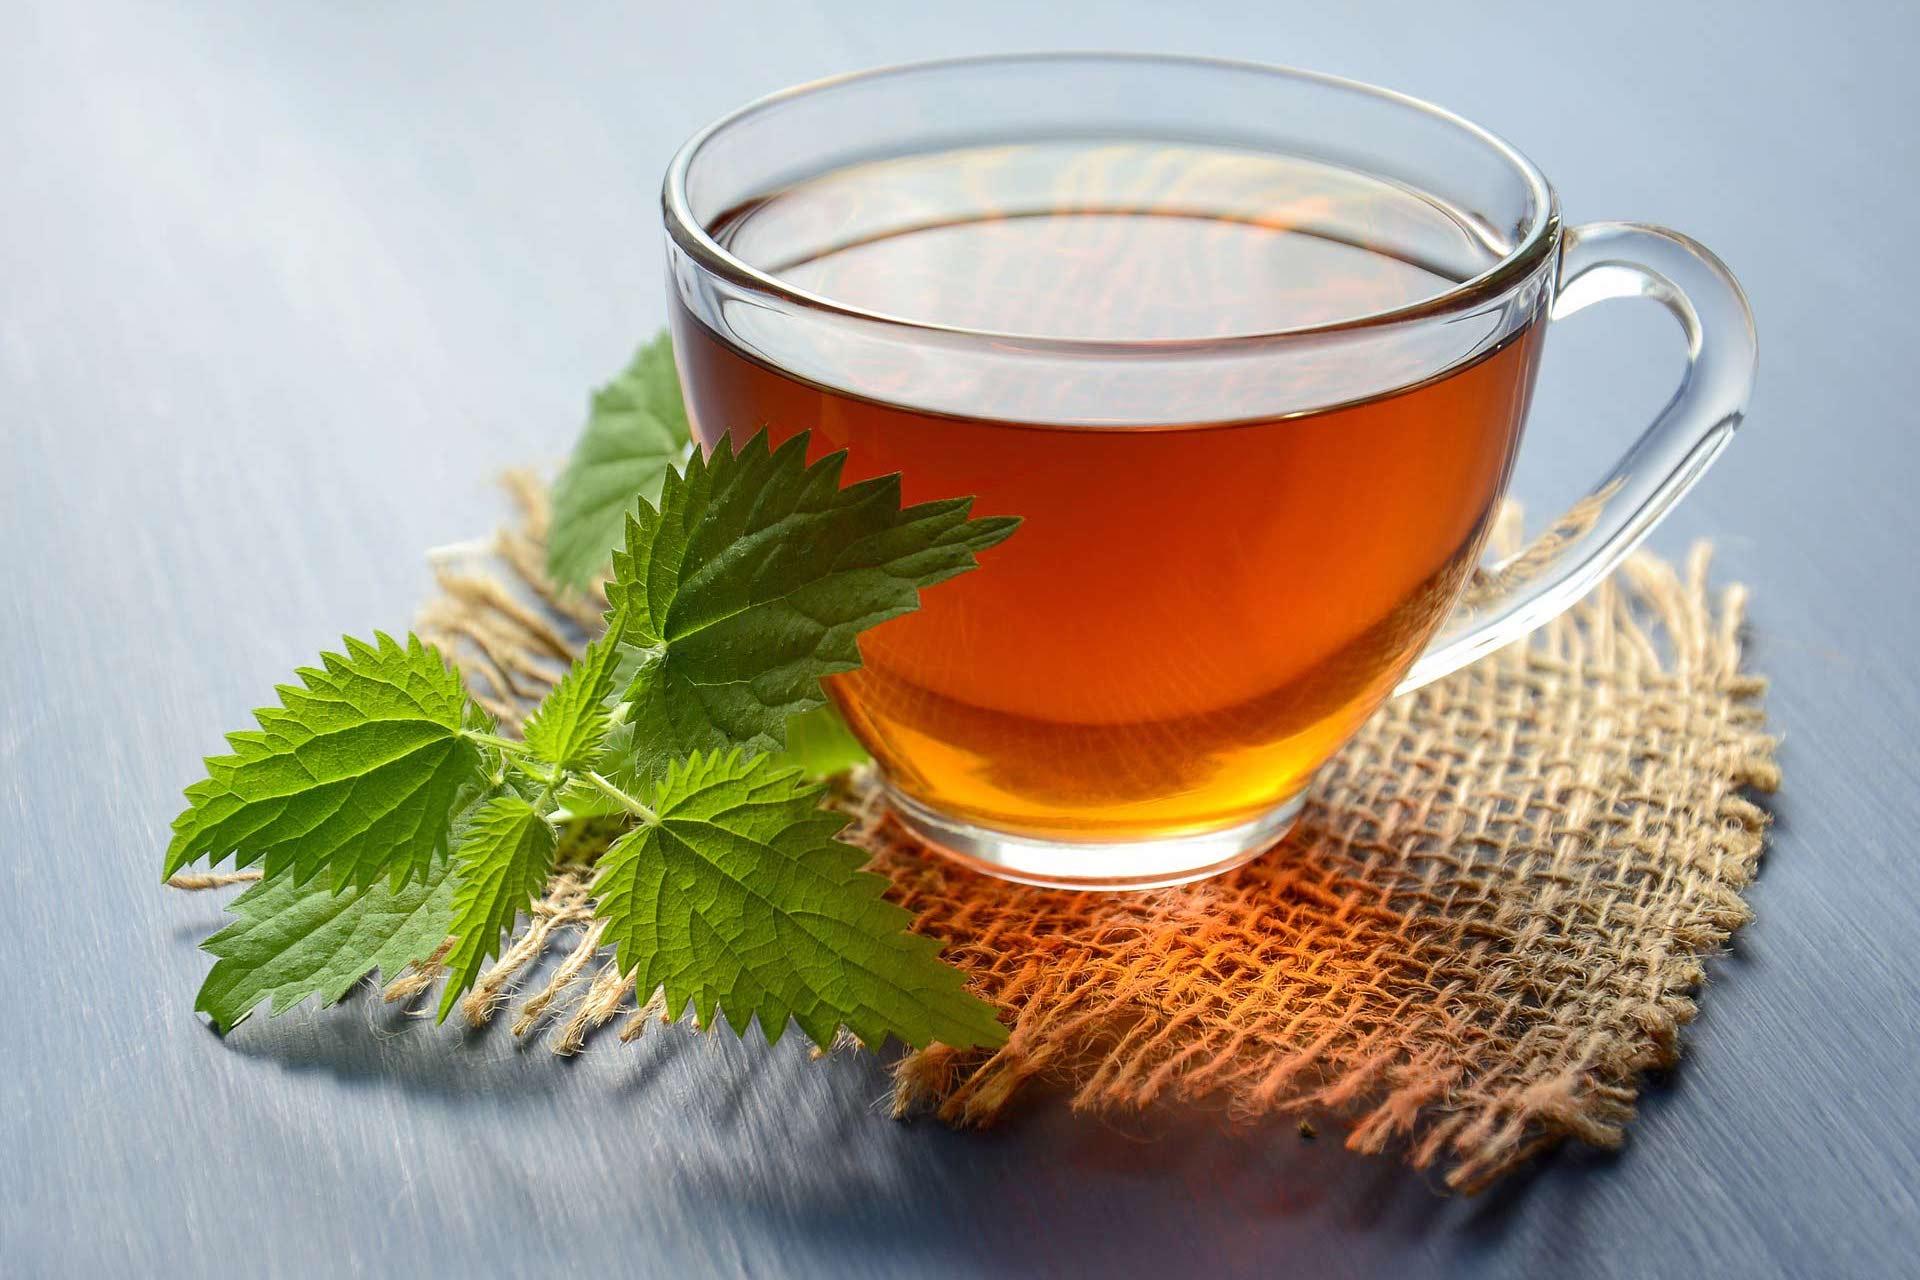 Čaj od koprive u staklenoj šalici pored koje stoji svježa kopriva